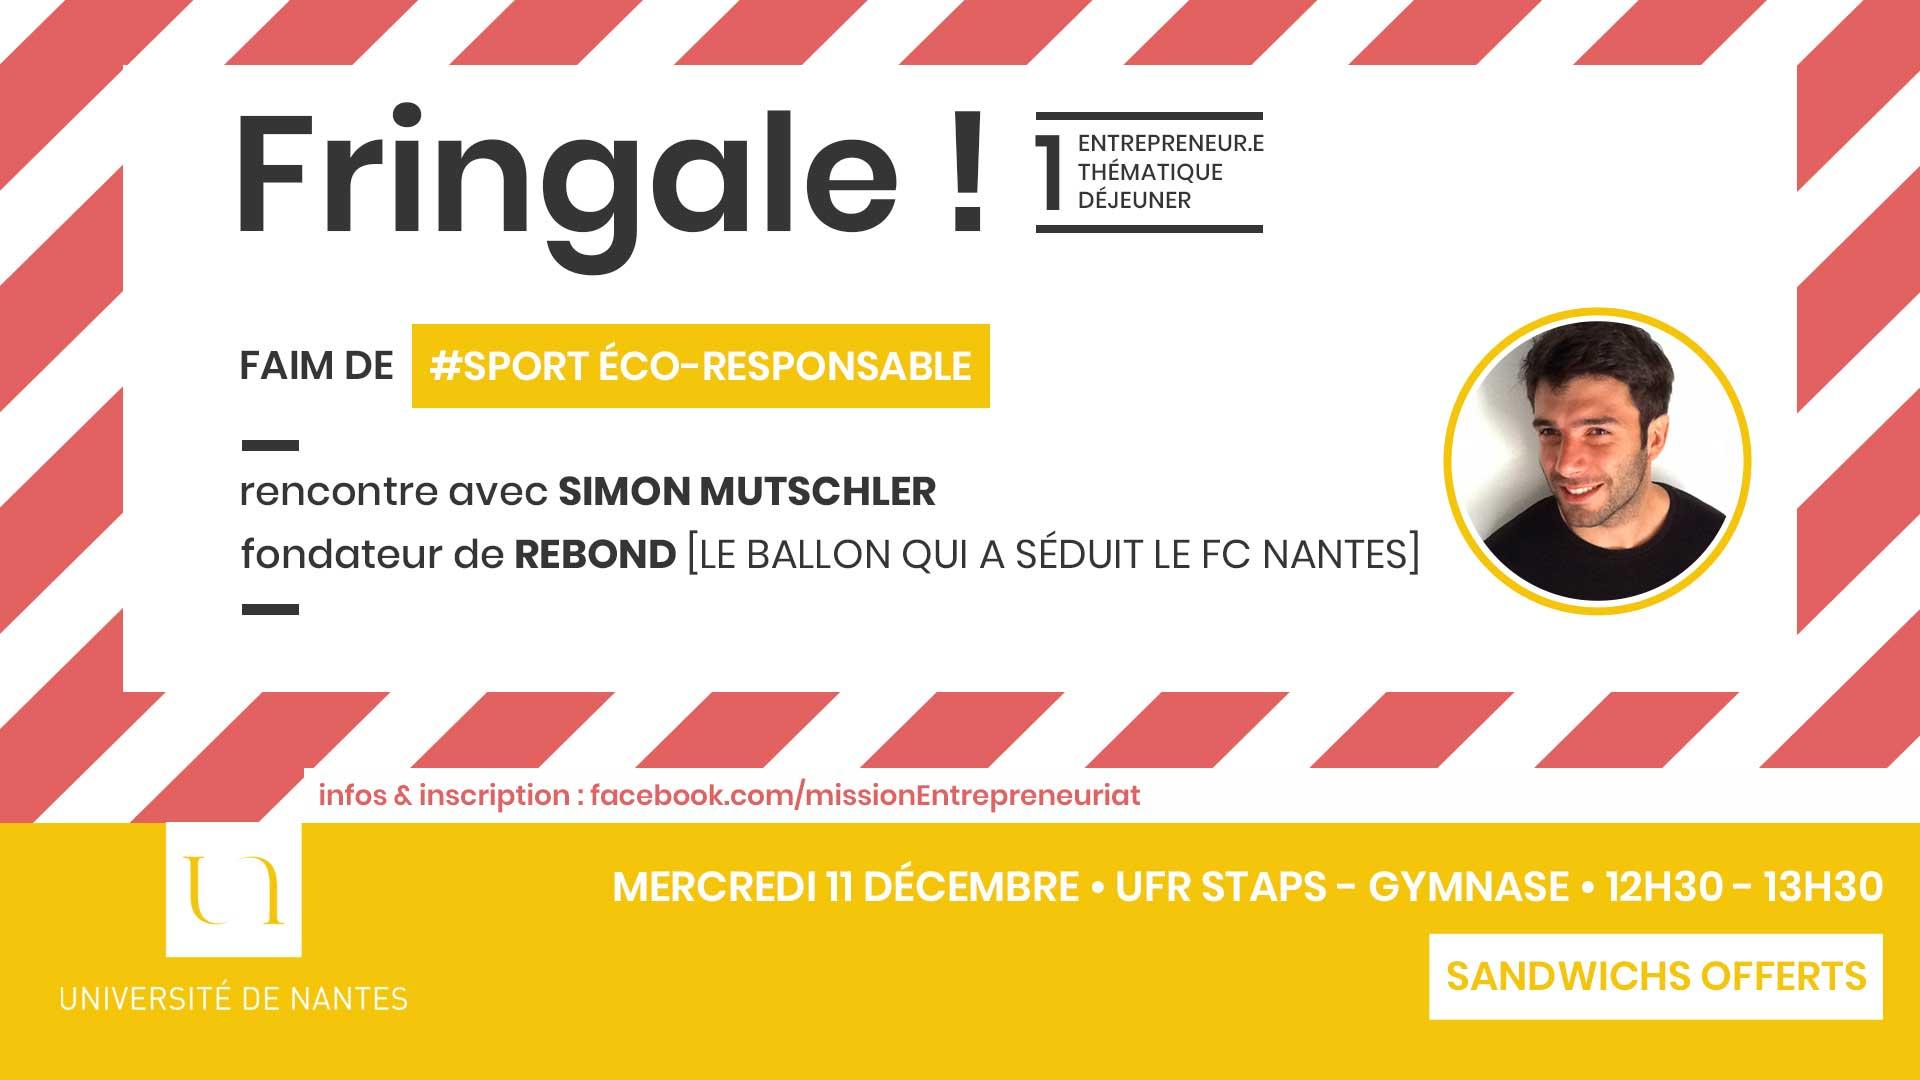 Fringale ! - Université de Nantes - Rebond - FC Nantes